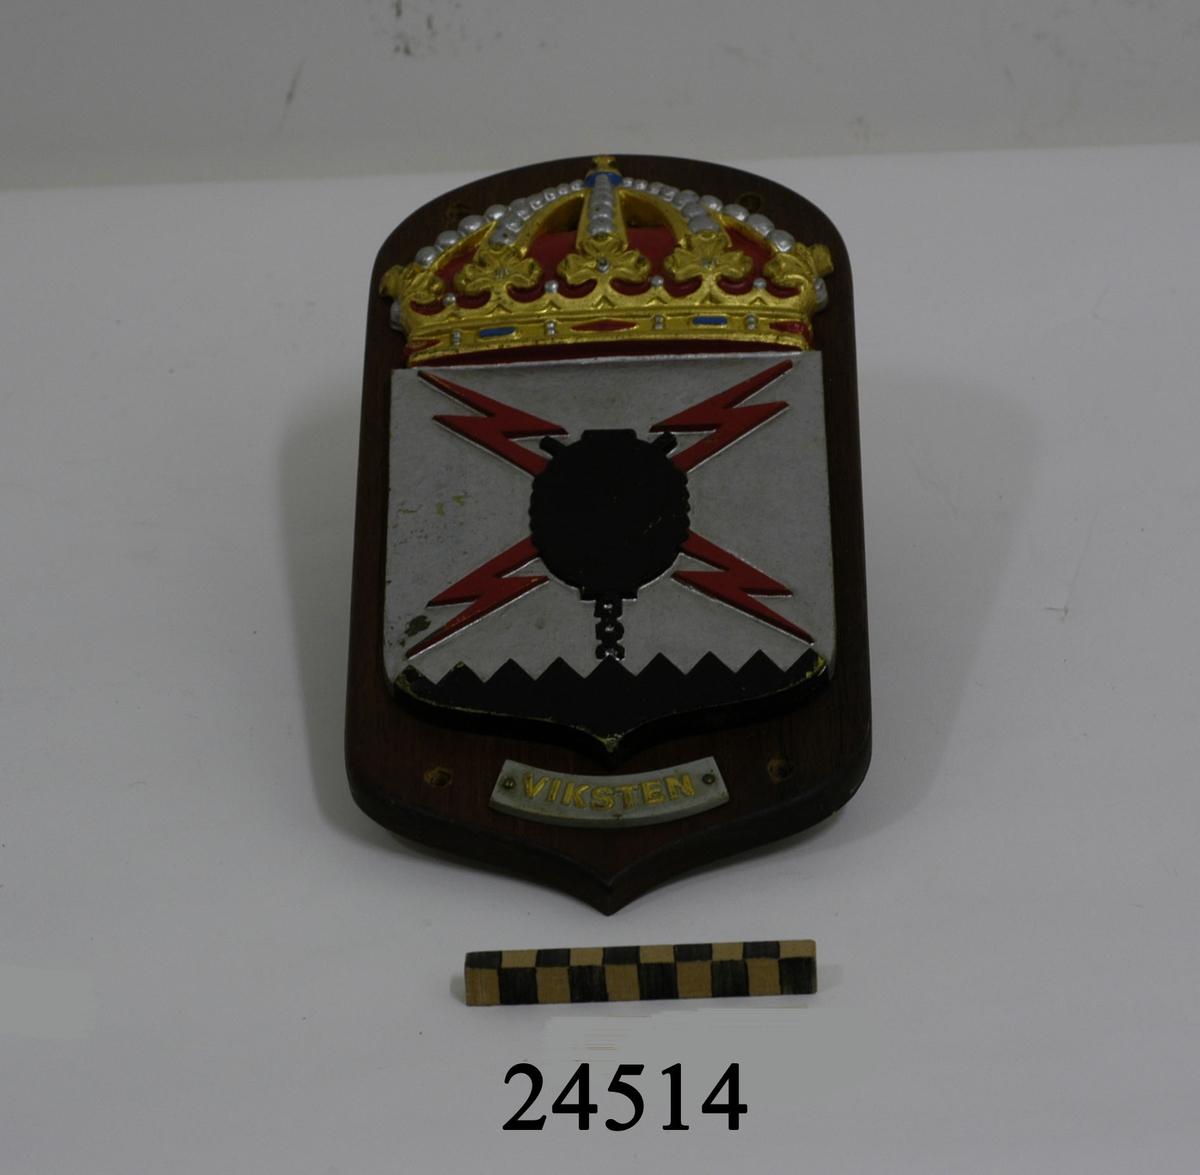 """Vapensköld gjuten av mässing, krönt med kunglig krona, målad i heraldiska färger. Emblemet består av silverfärgad sköld med svart förankrad hornmina. På vardera sida om minan två röda blixtar. Nederst på skölden ett svart fält med taggad överkant. Under skölden en svagt böjd ljusgrå metallbricka med texten """" VIKSTEN """" i guld. I mahognyplattan fyra hål för uppmontering. På baksidan liten ögla för upphängning samt tejpbit med röd text """" Officers Mäss """""""